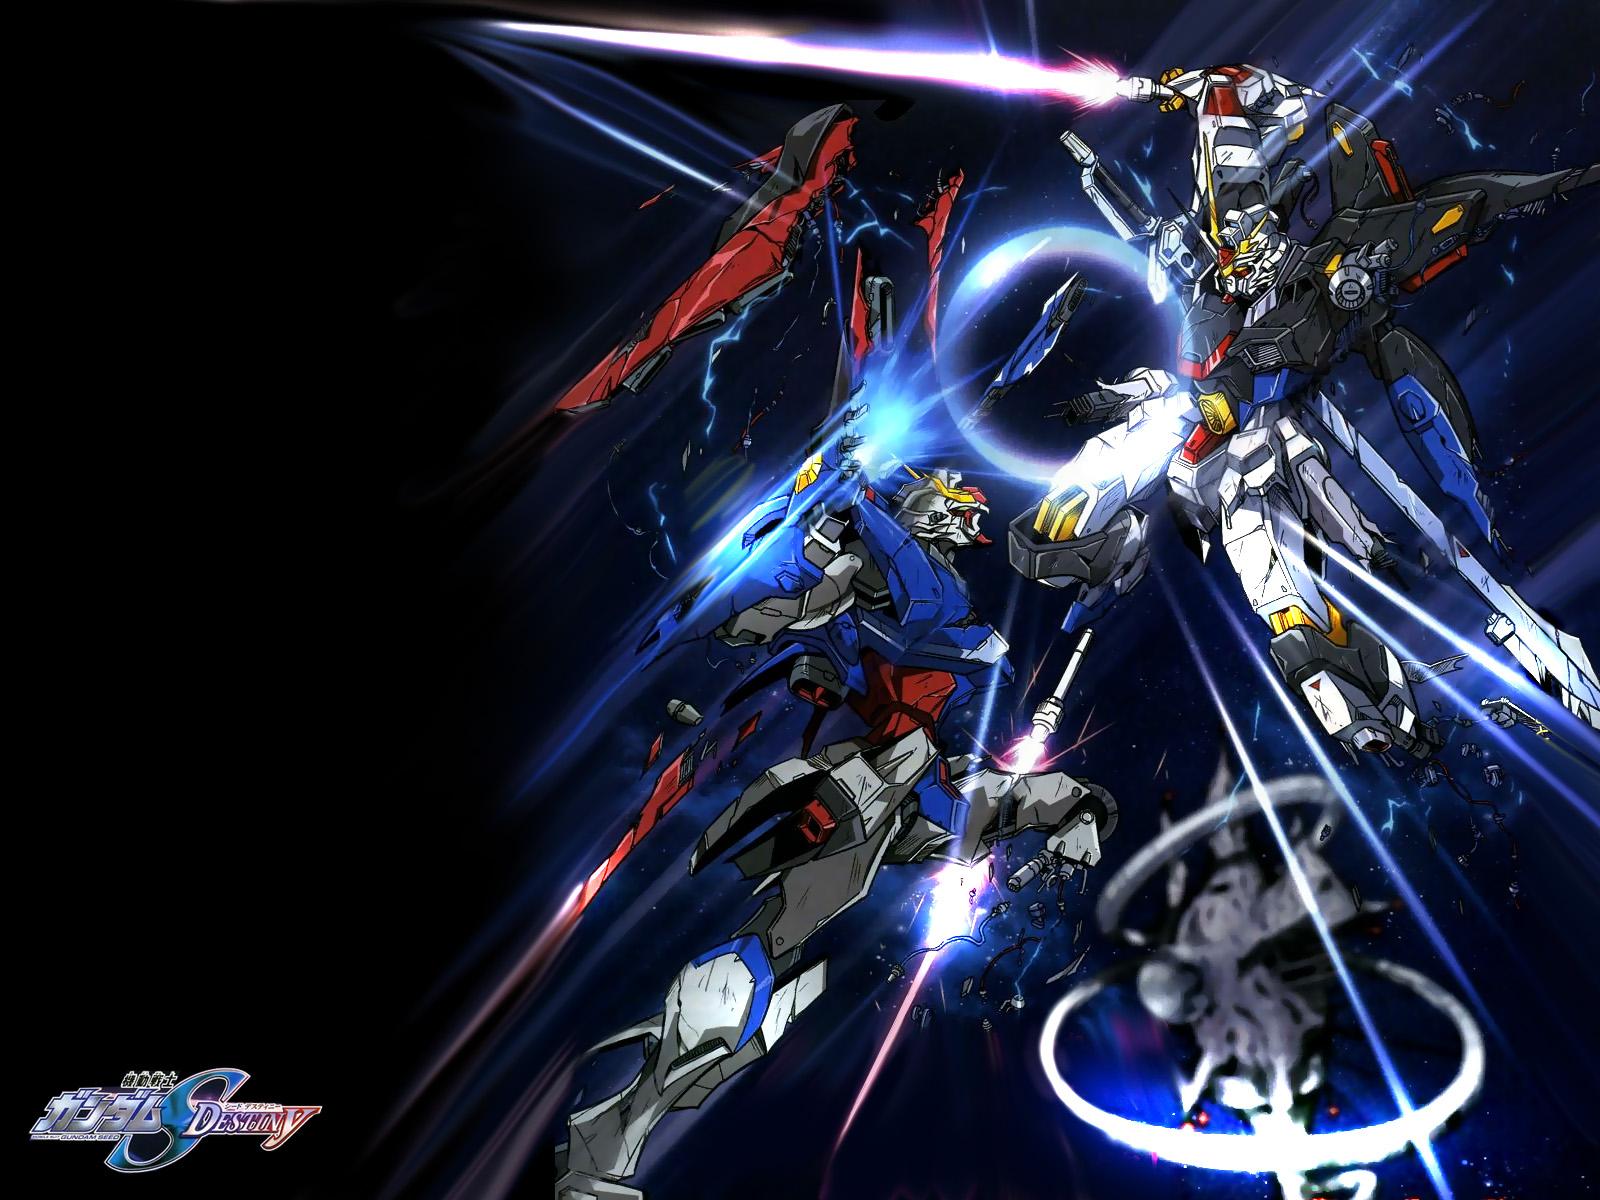 Gundam Hd Wallpaper 00 Download Wallpaper 1600x1200